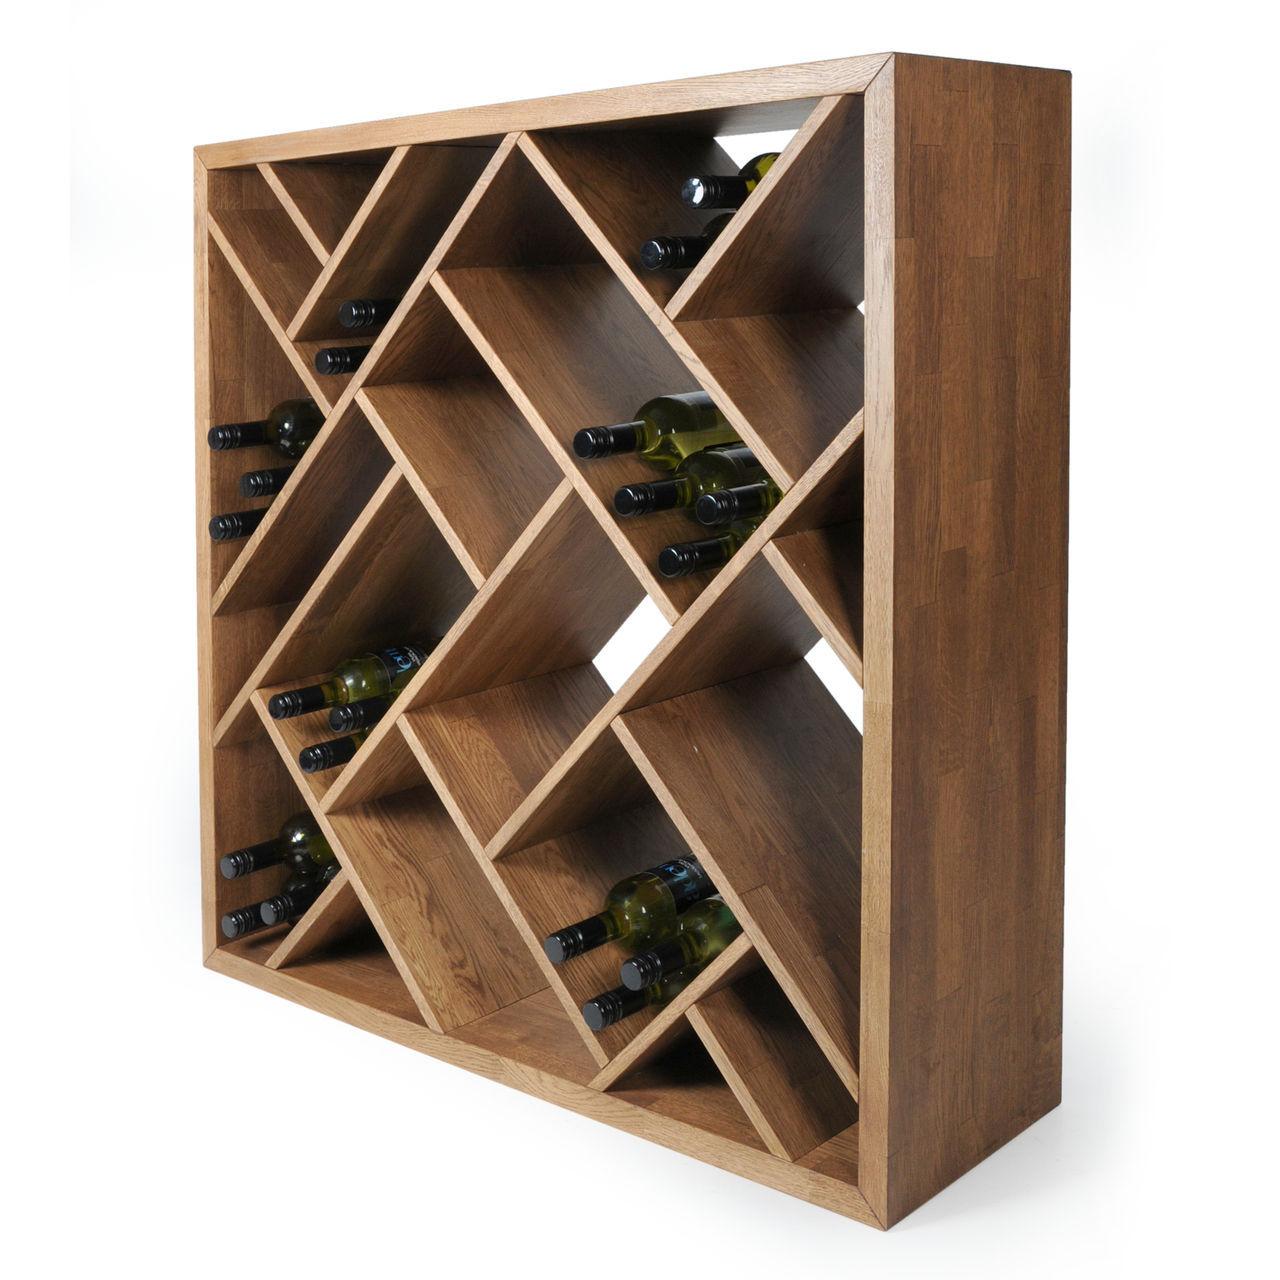 Tủ rượu gỗ sồi chất lượng cao